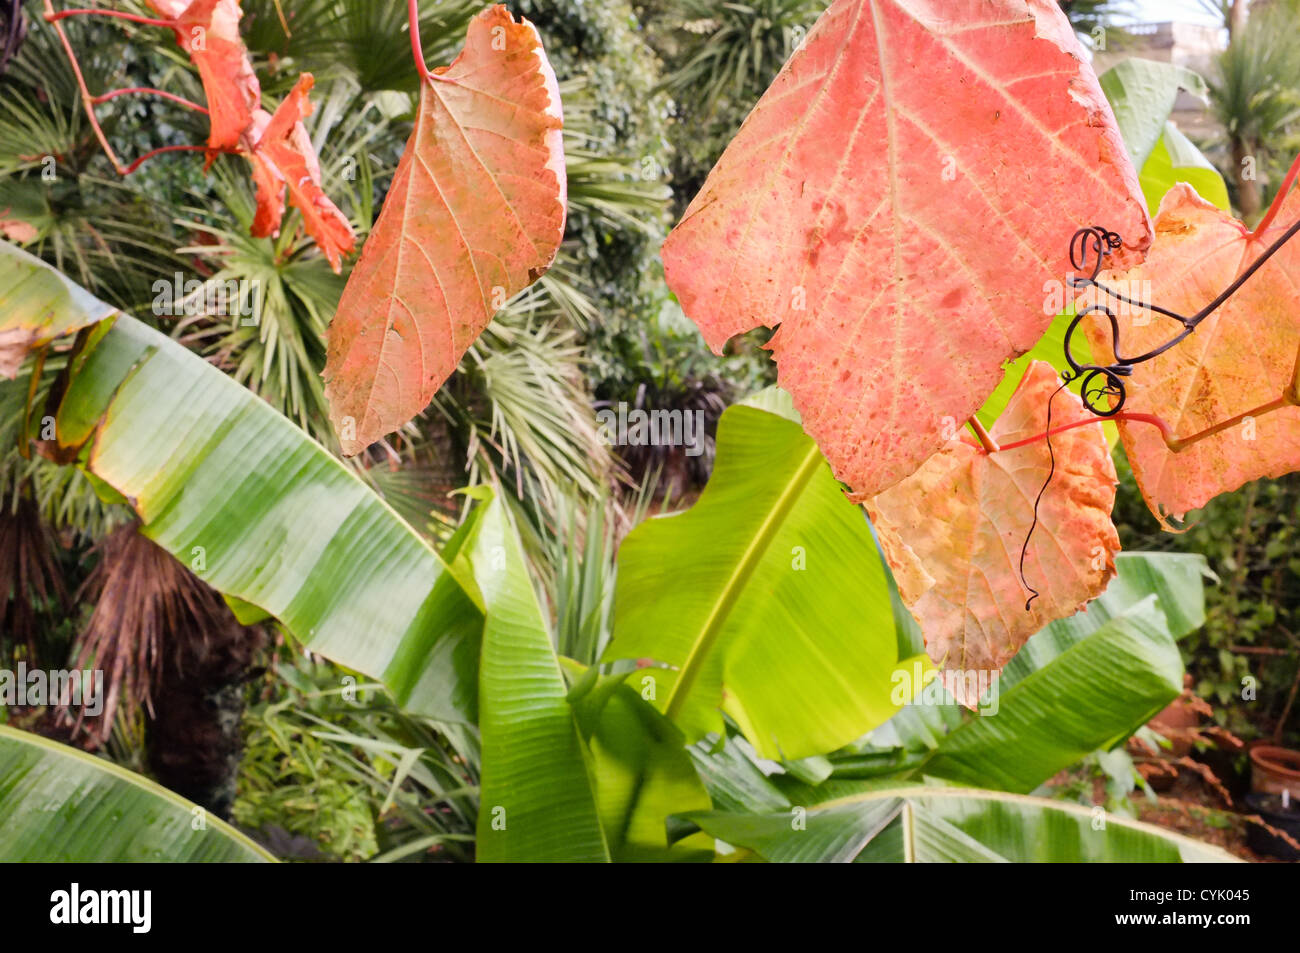 parthenocissus quinquefolia, connu sous le nom de virginia creeper